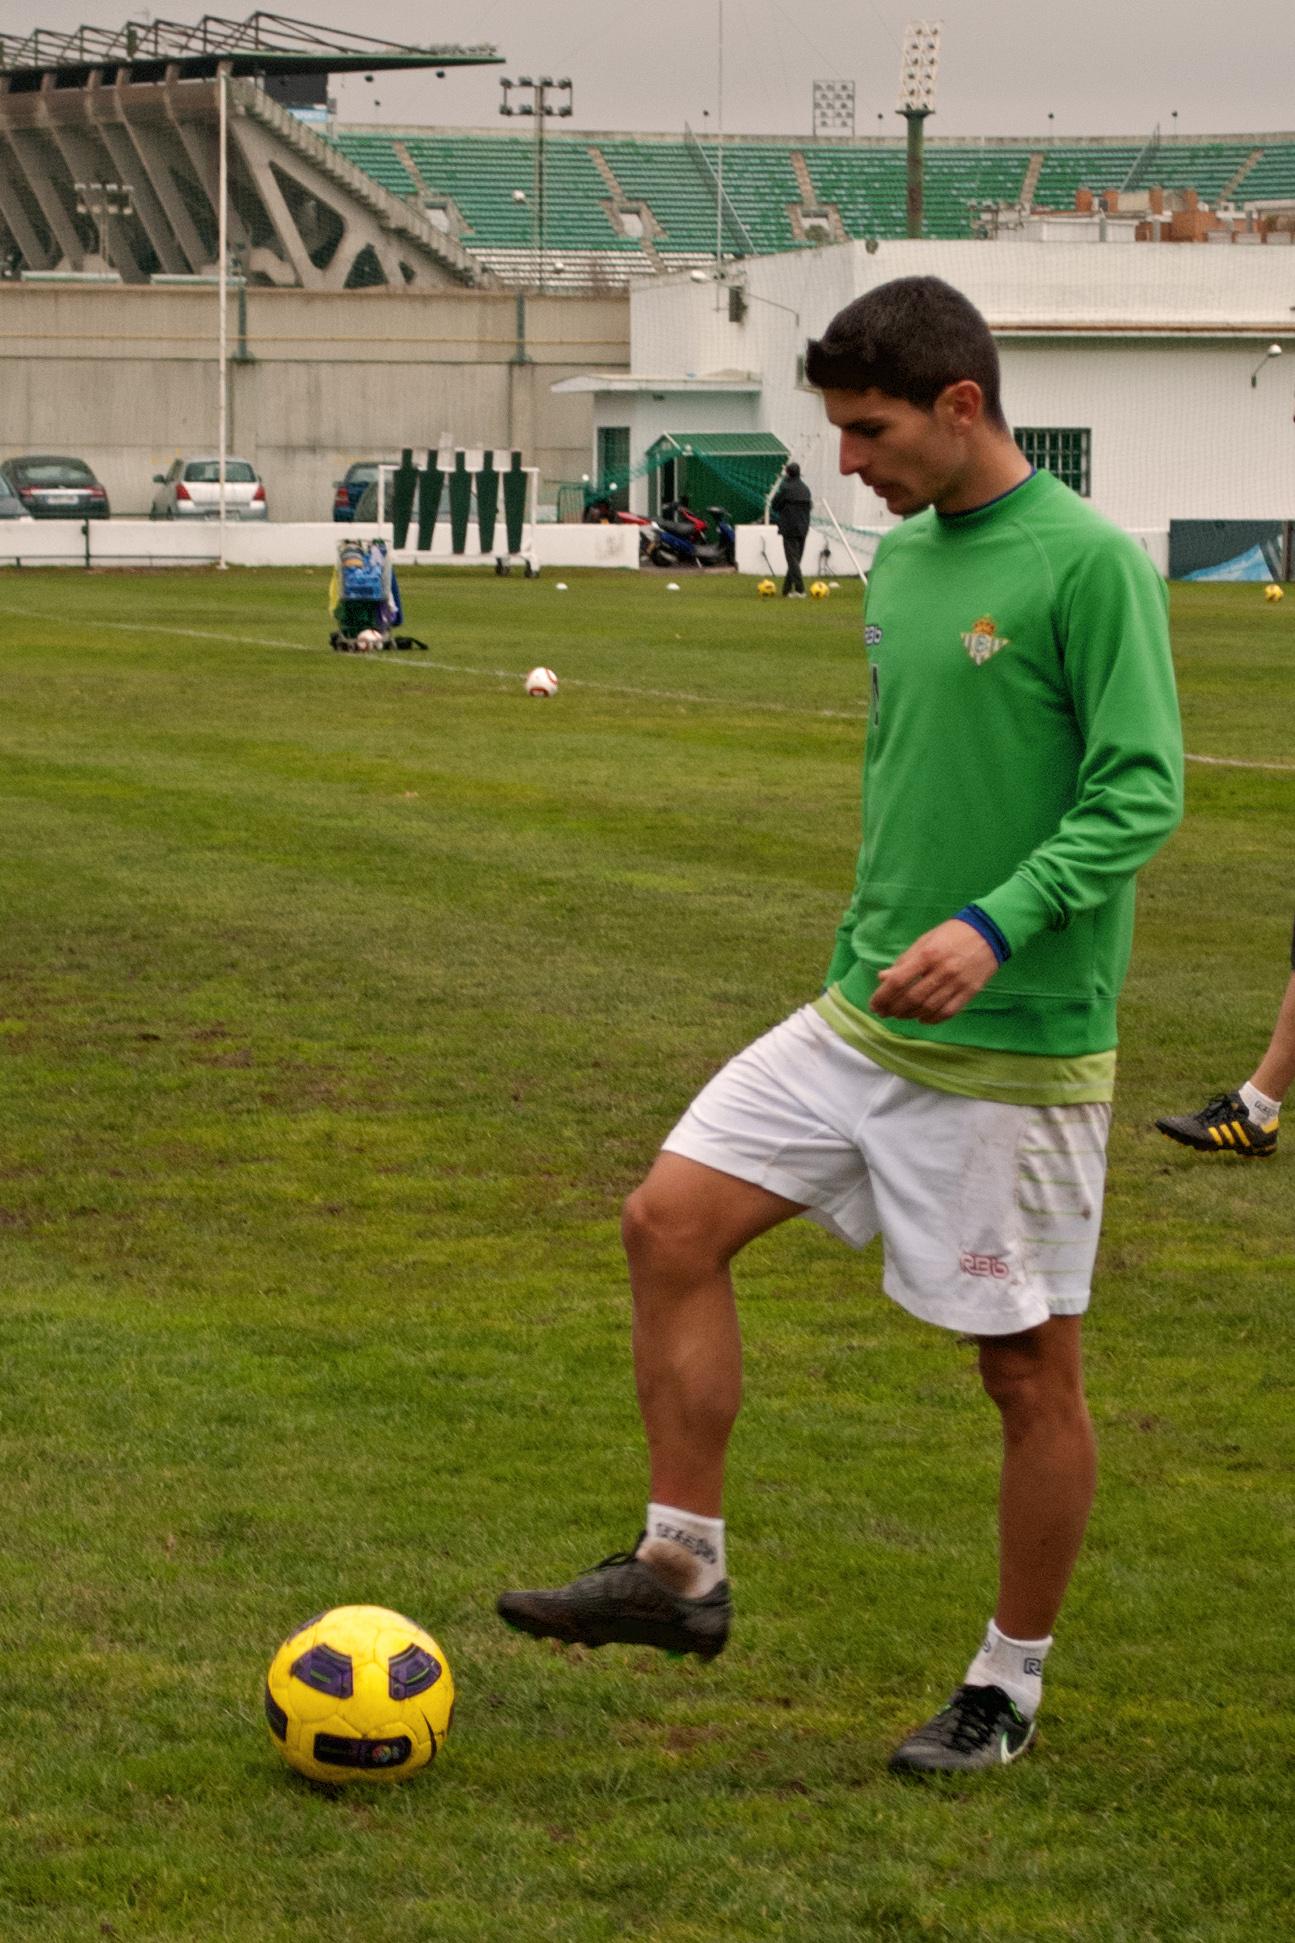 Salva sevilla.jpg Español: Imagen de Salva Sevilla, jugador del Betis, durante un entrenamiento del equipo. Date 30 December 2010 Source Own